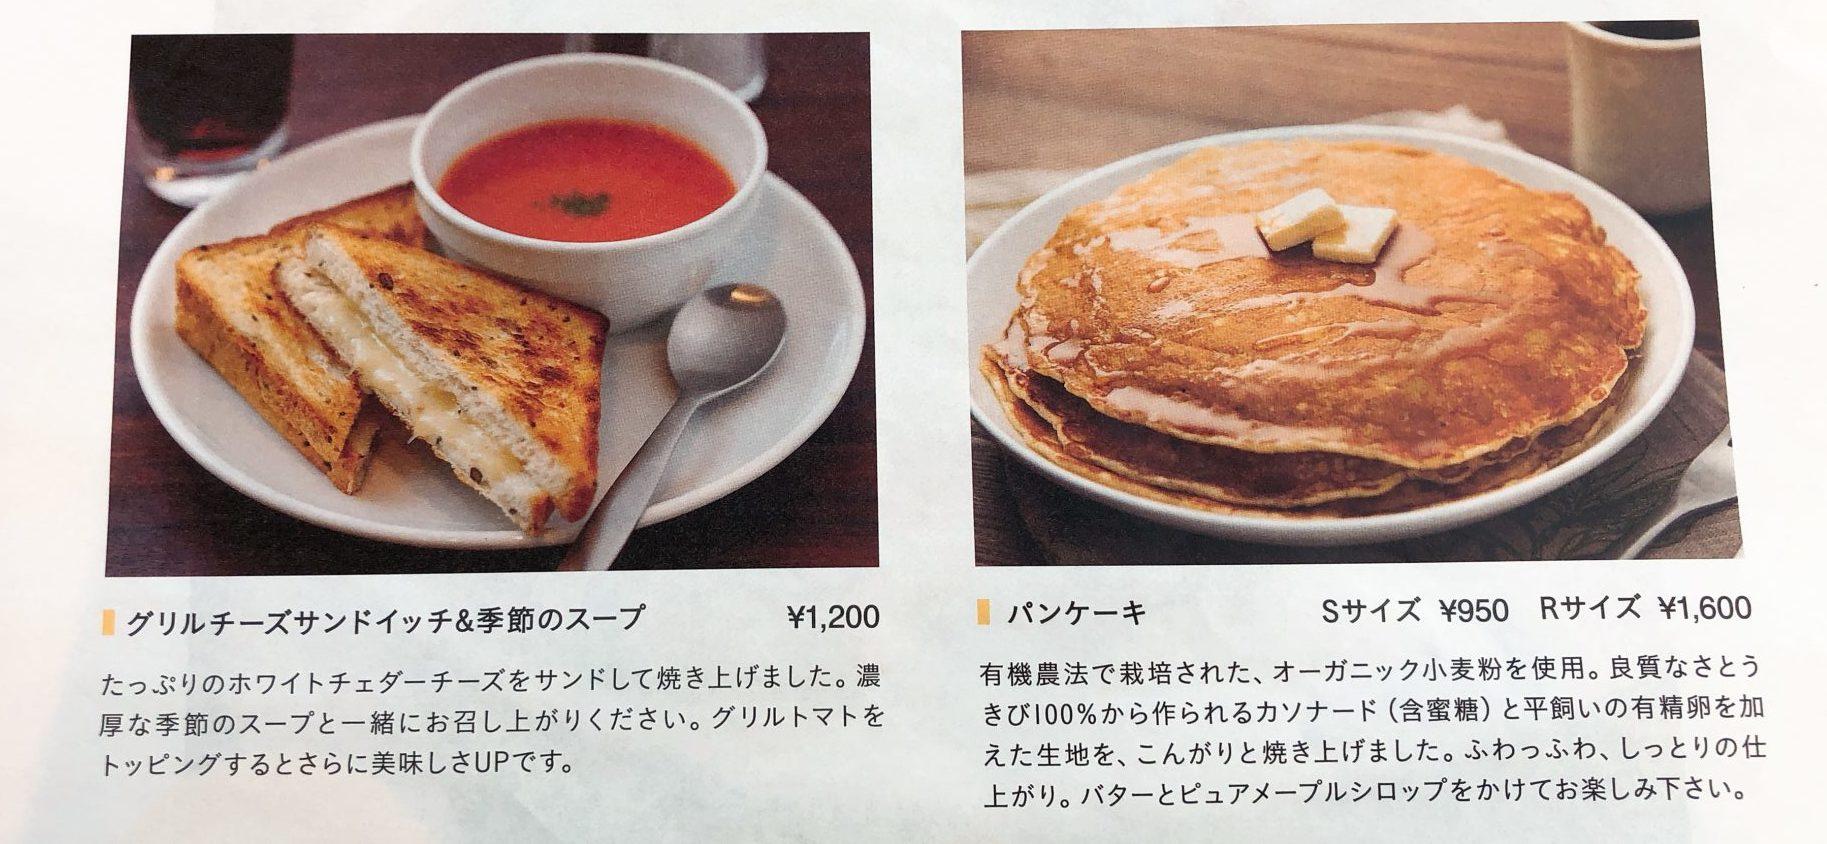 egg東京農大世田谷通り店のパンケーキメニュー